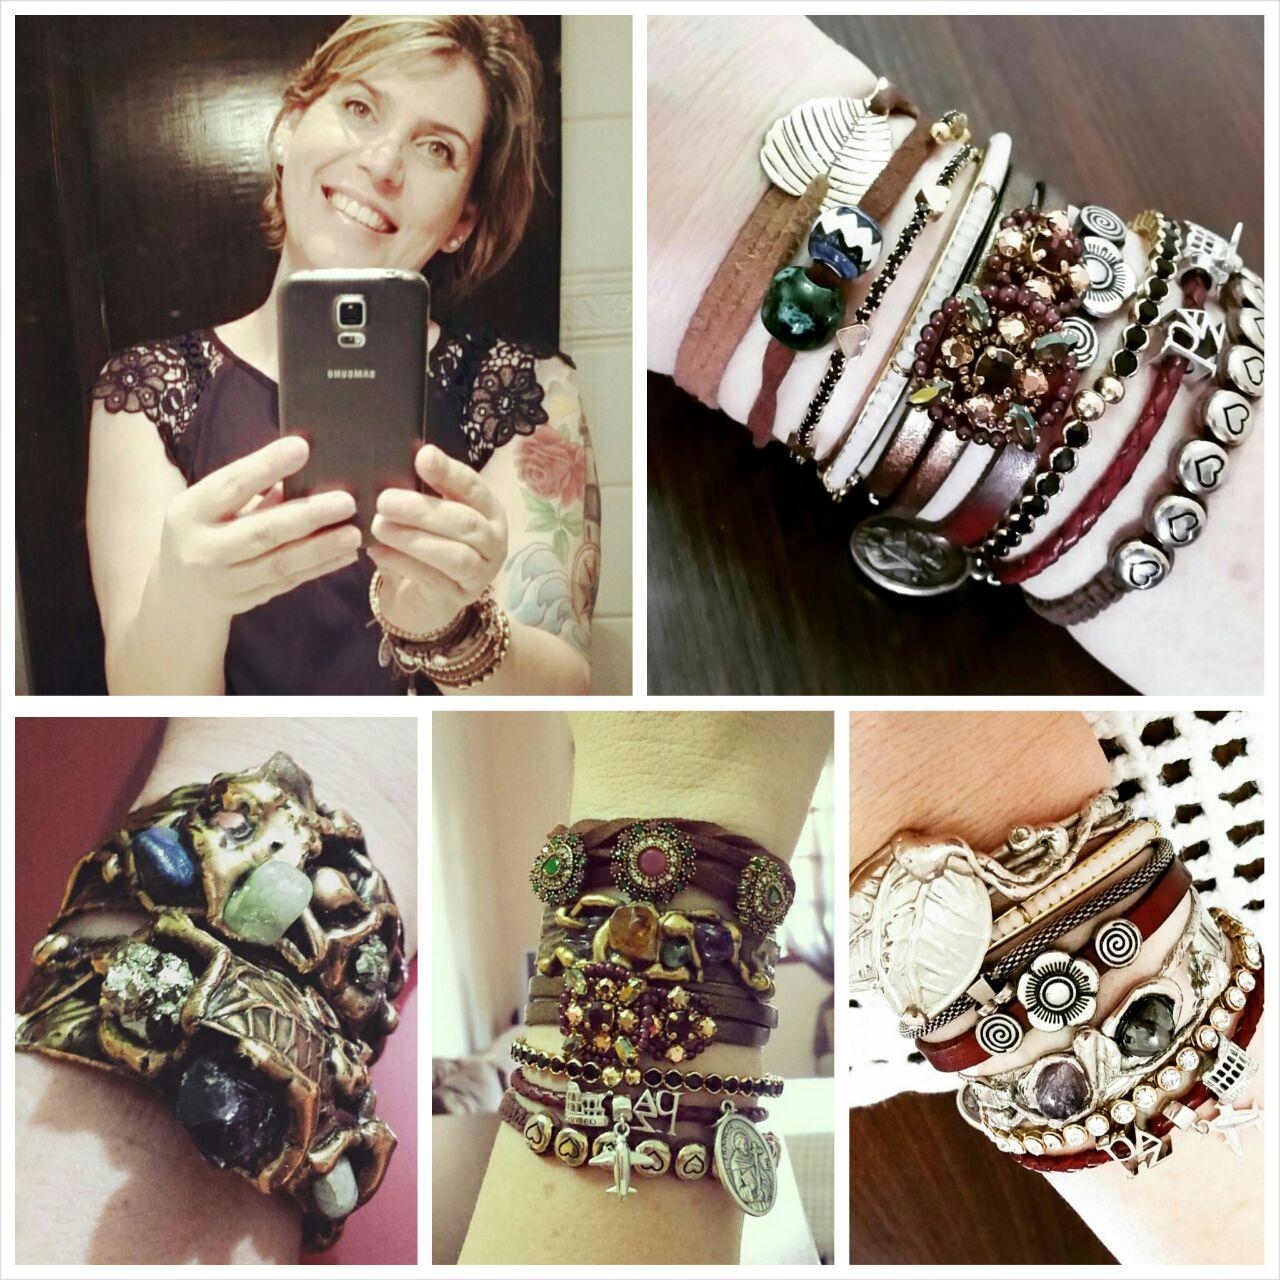 Amo pulseiras...tenho várias. ..de vários tipos, materiais e principalmente lugares...adoro garimpar por aí. E você é uma inspiração pra mim!! Beijos querida.